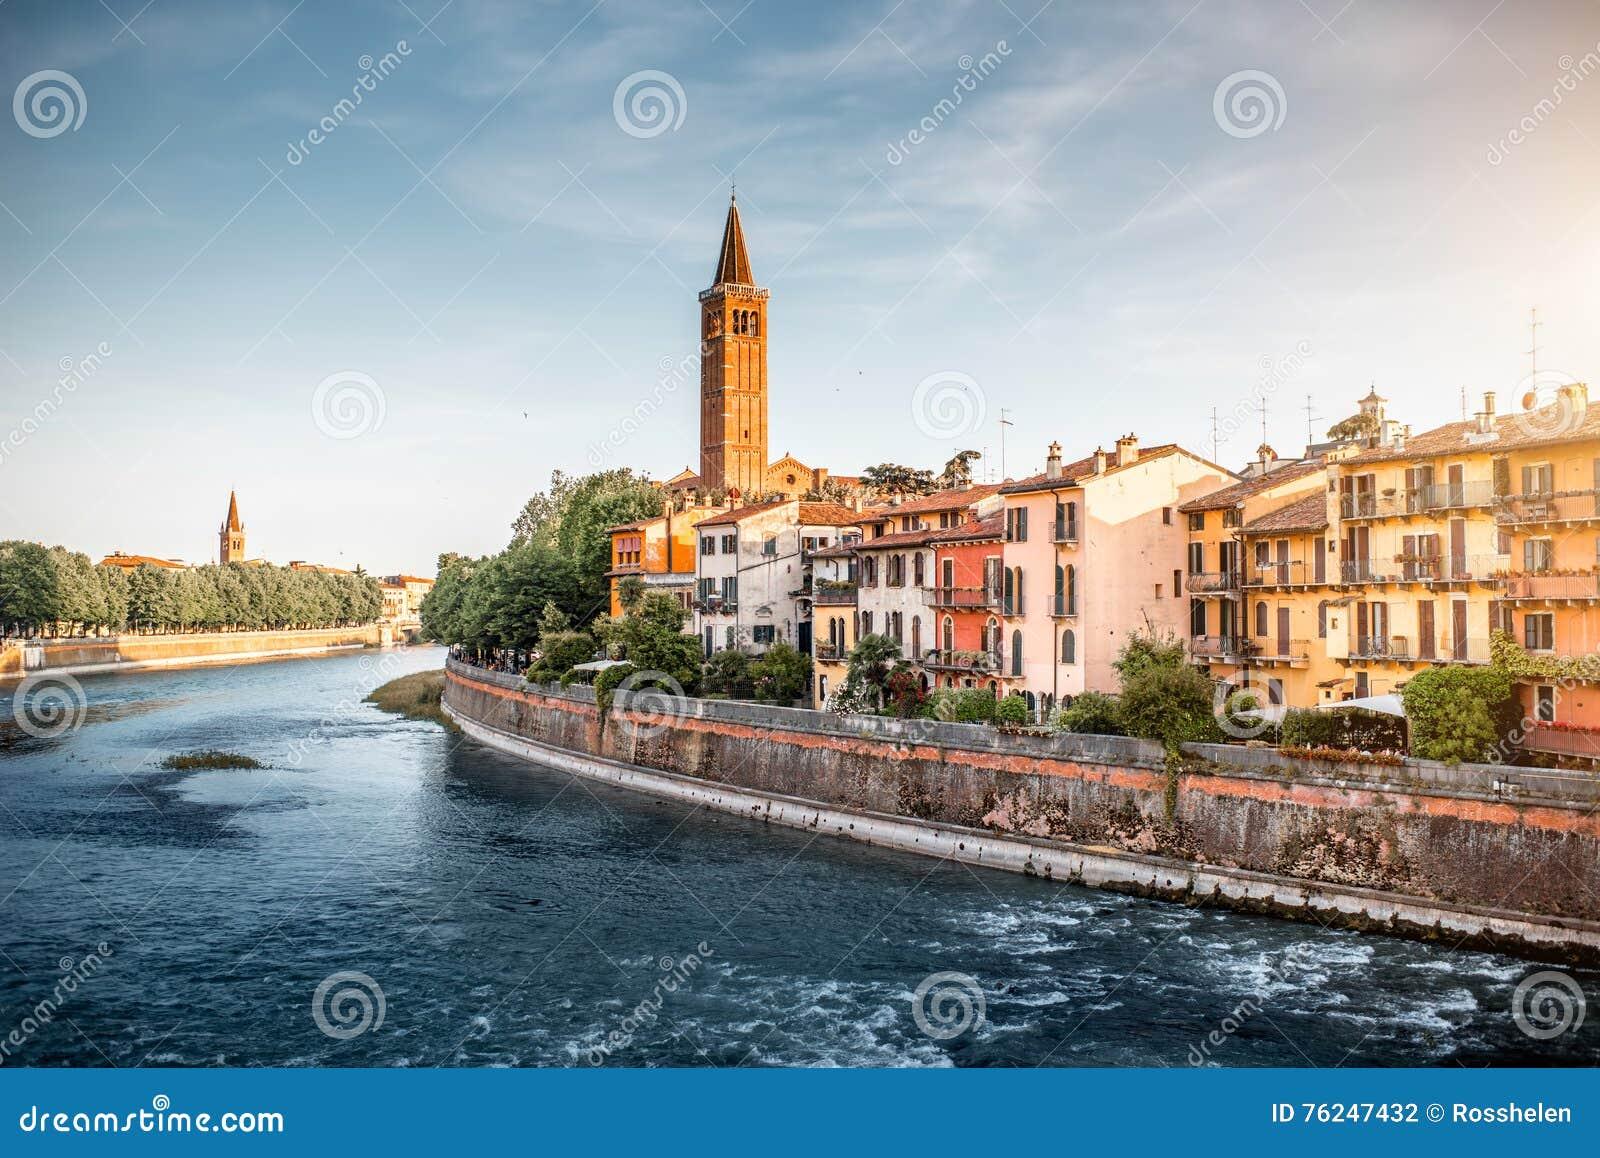 Verona cityscape view